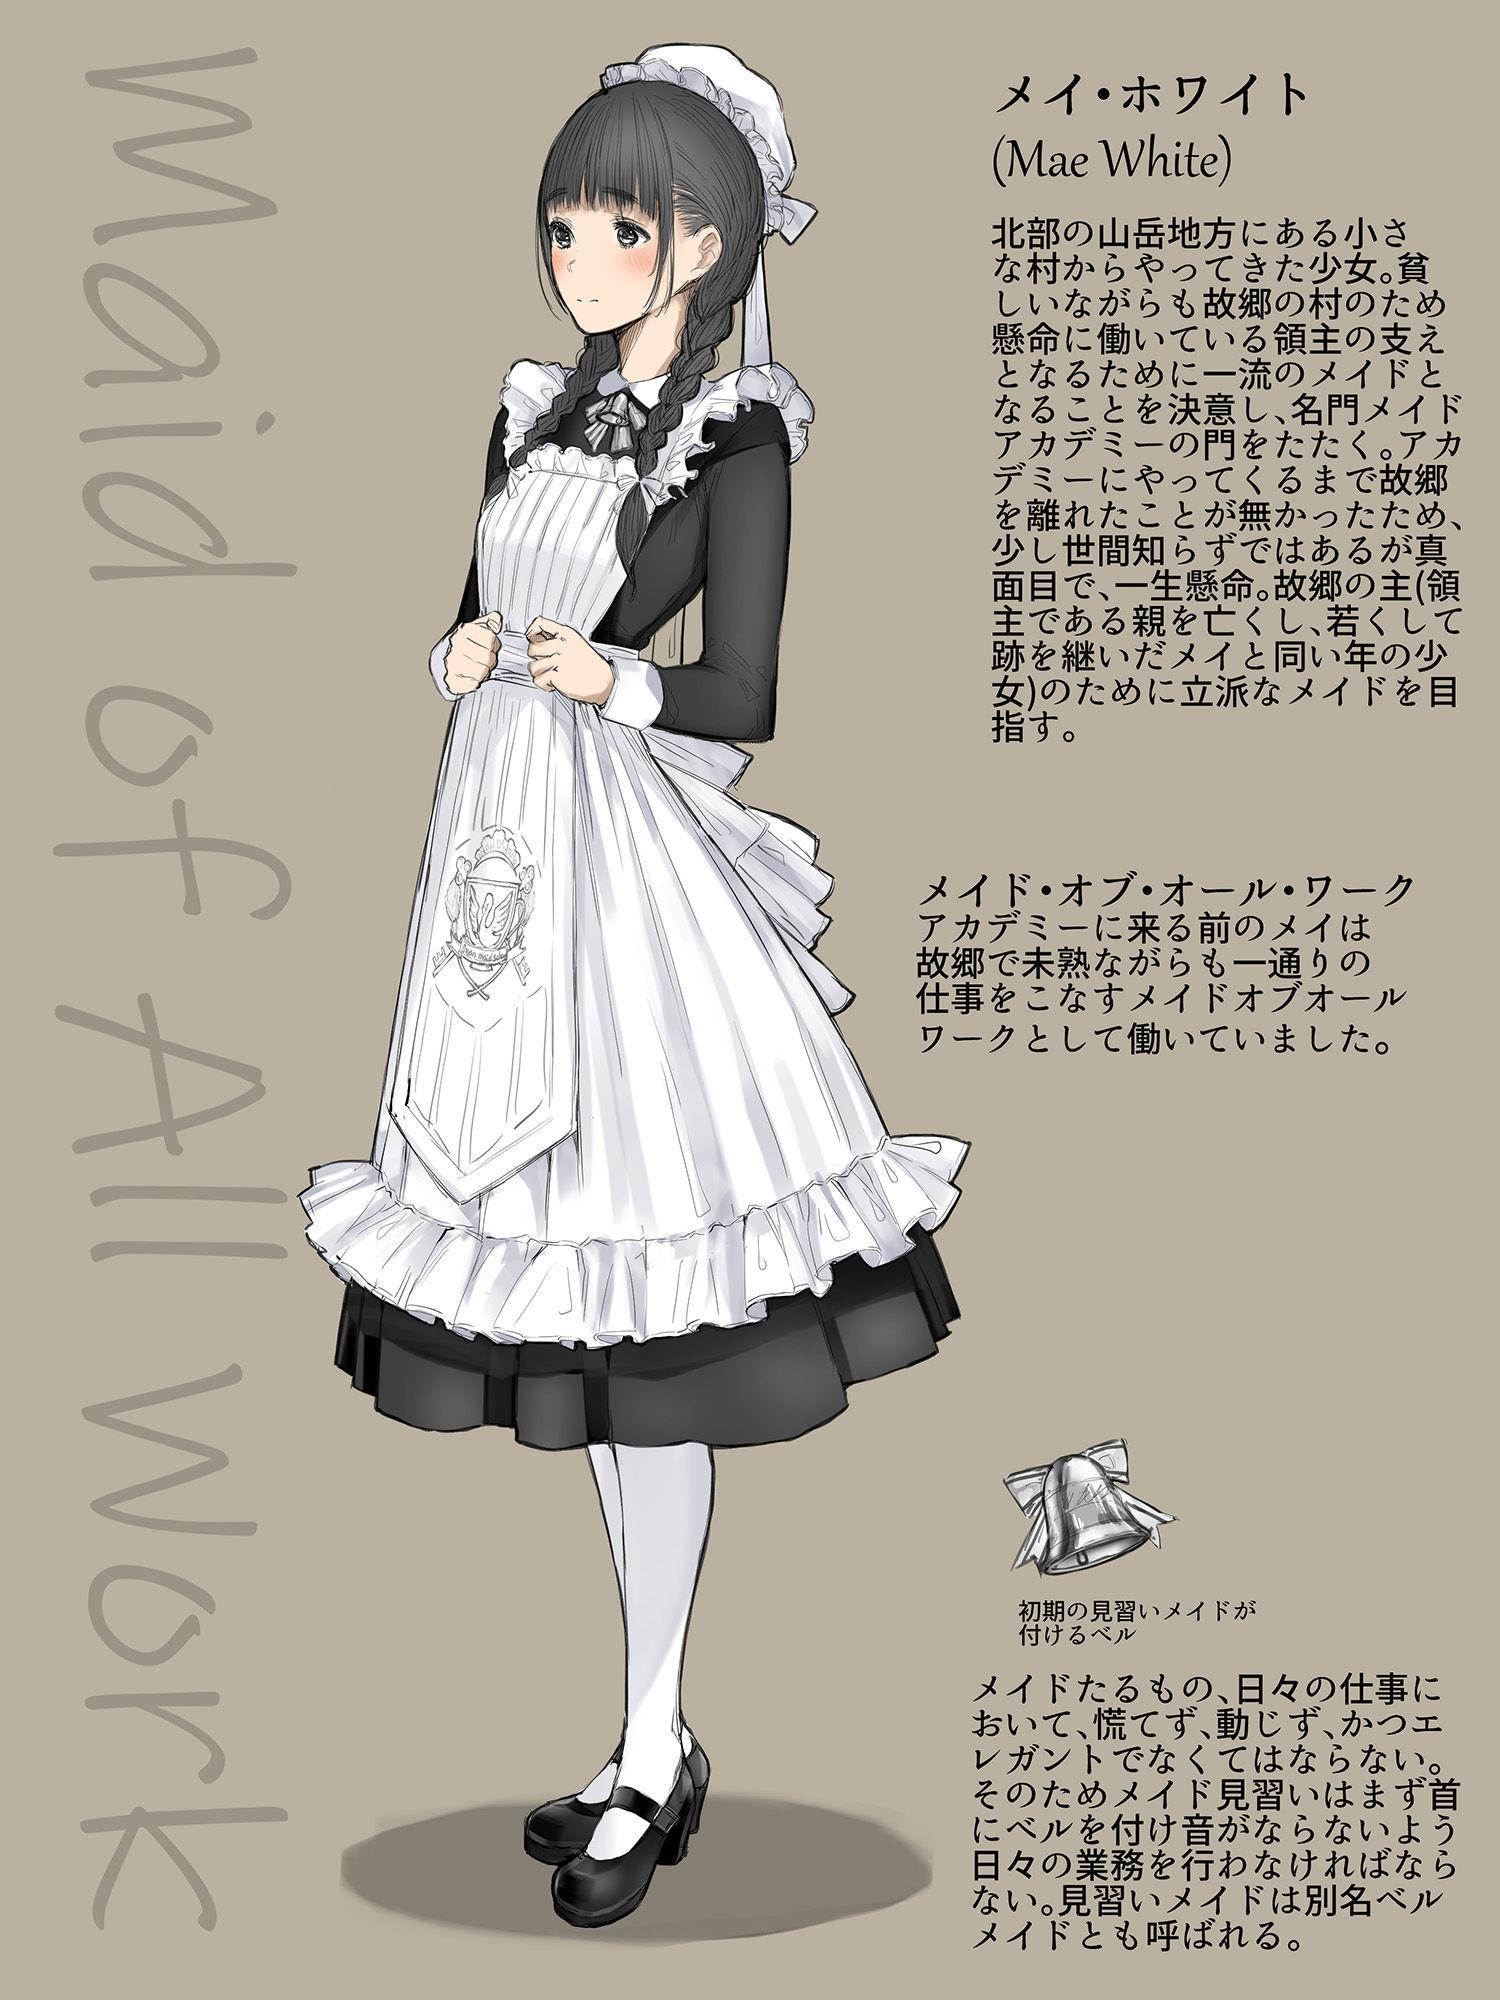 サンプル画像5:SWAN MAID ACADEMY 見習いメイドのメイ(Absolute Girl) [d_190875]